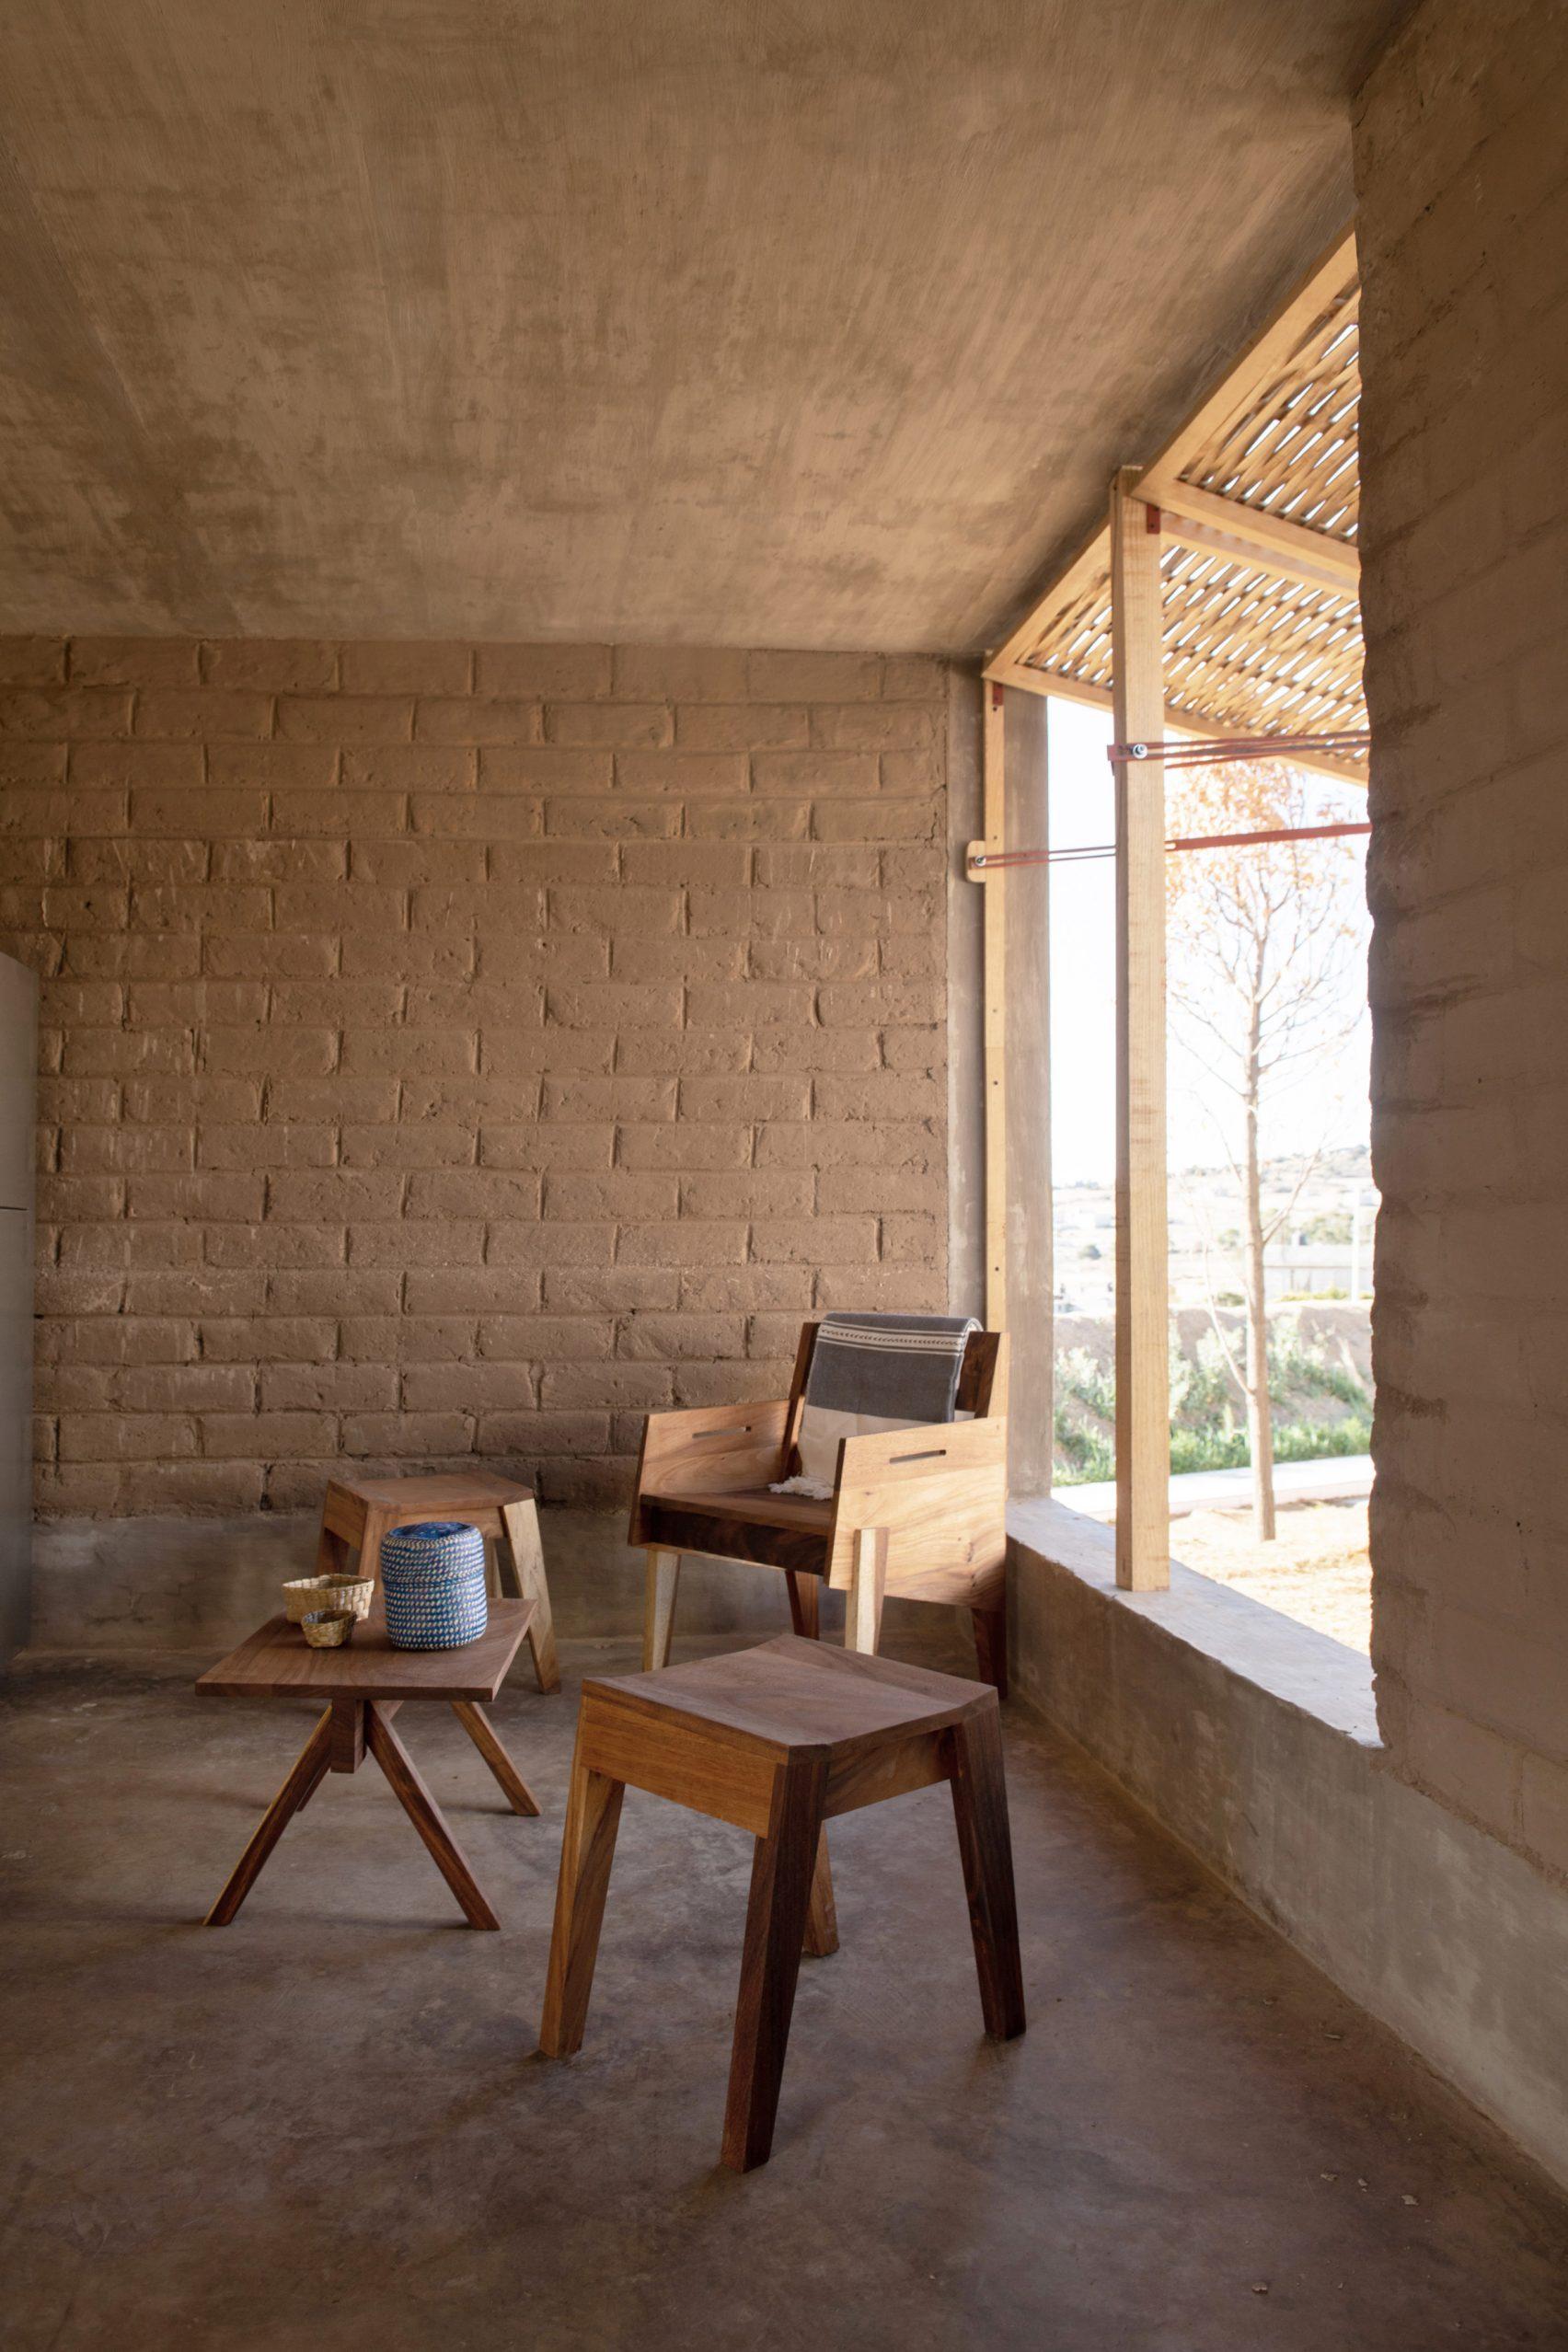 Casa Hilo by Zeller & Moye